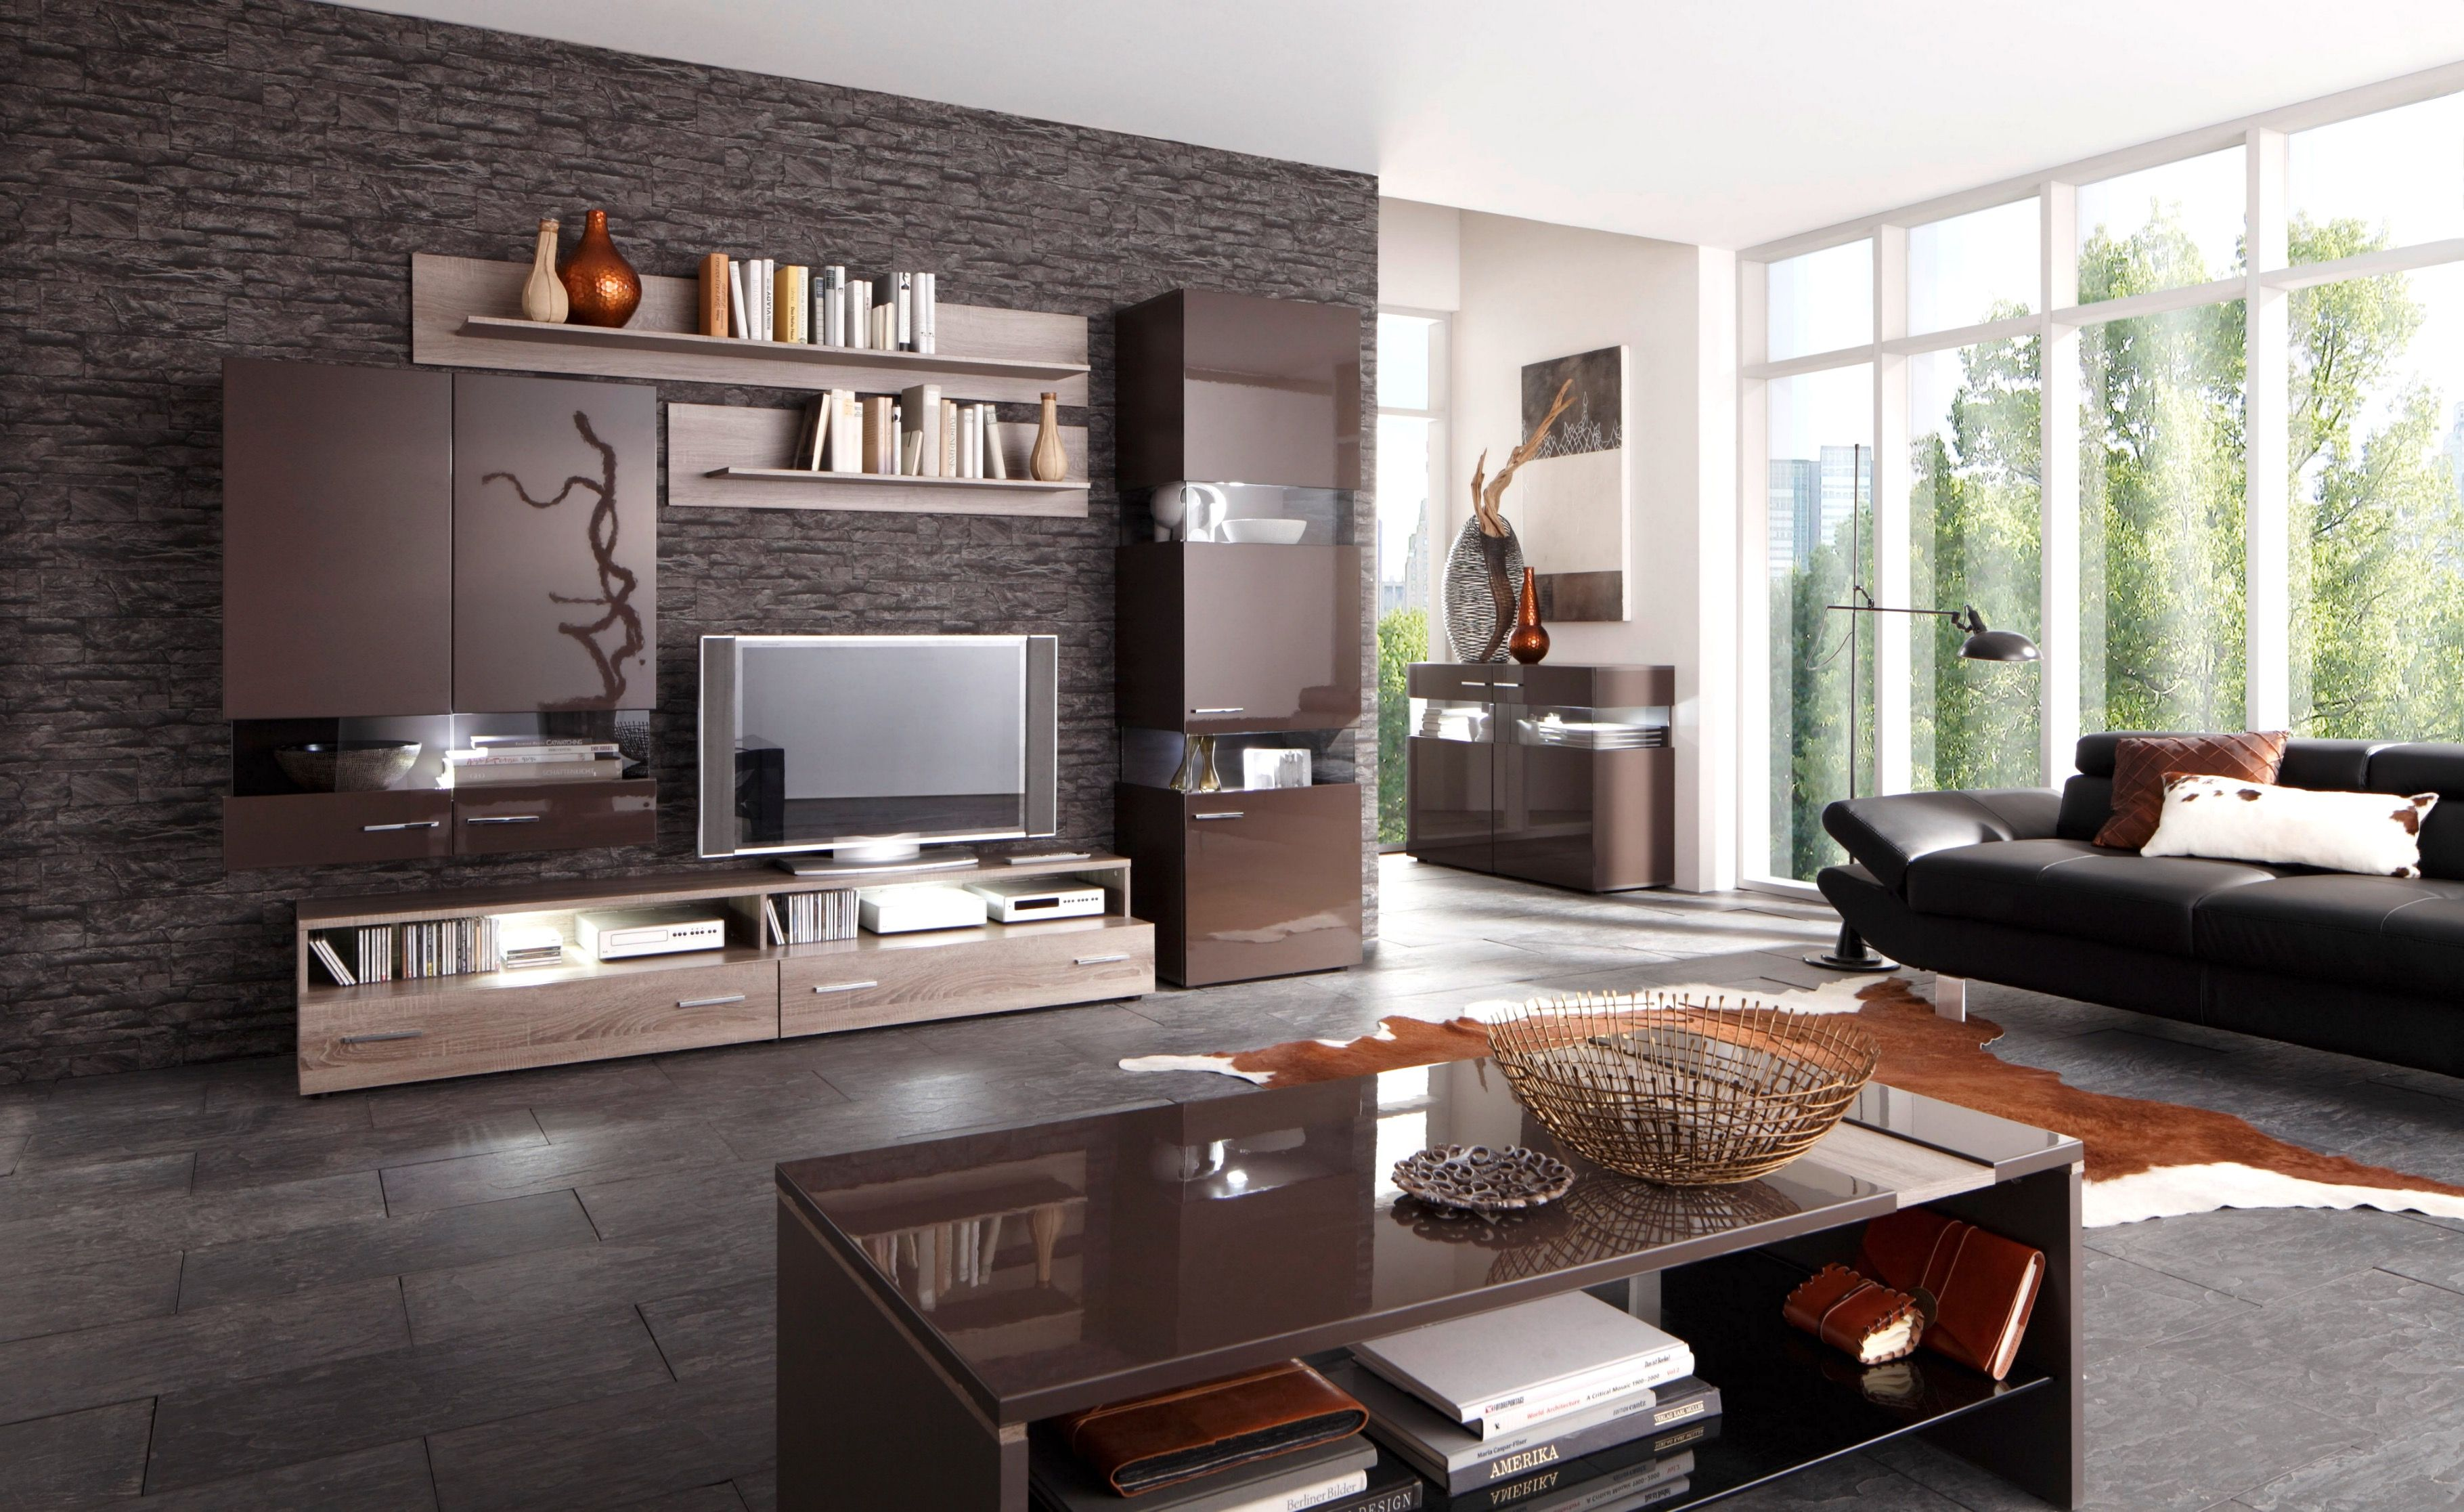 Wohnzimmer Modern Einrichten Tipps Wohnzimmer Wande Streichen